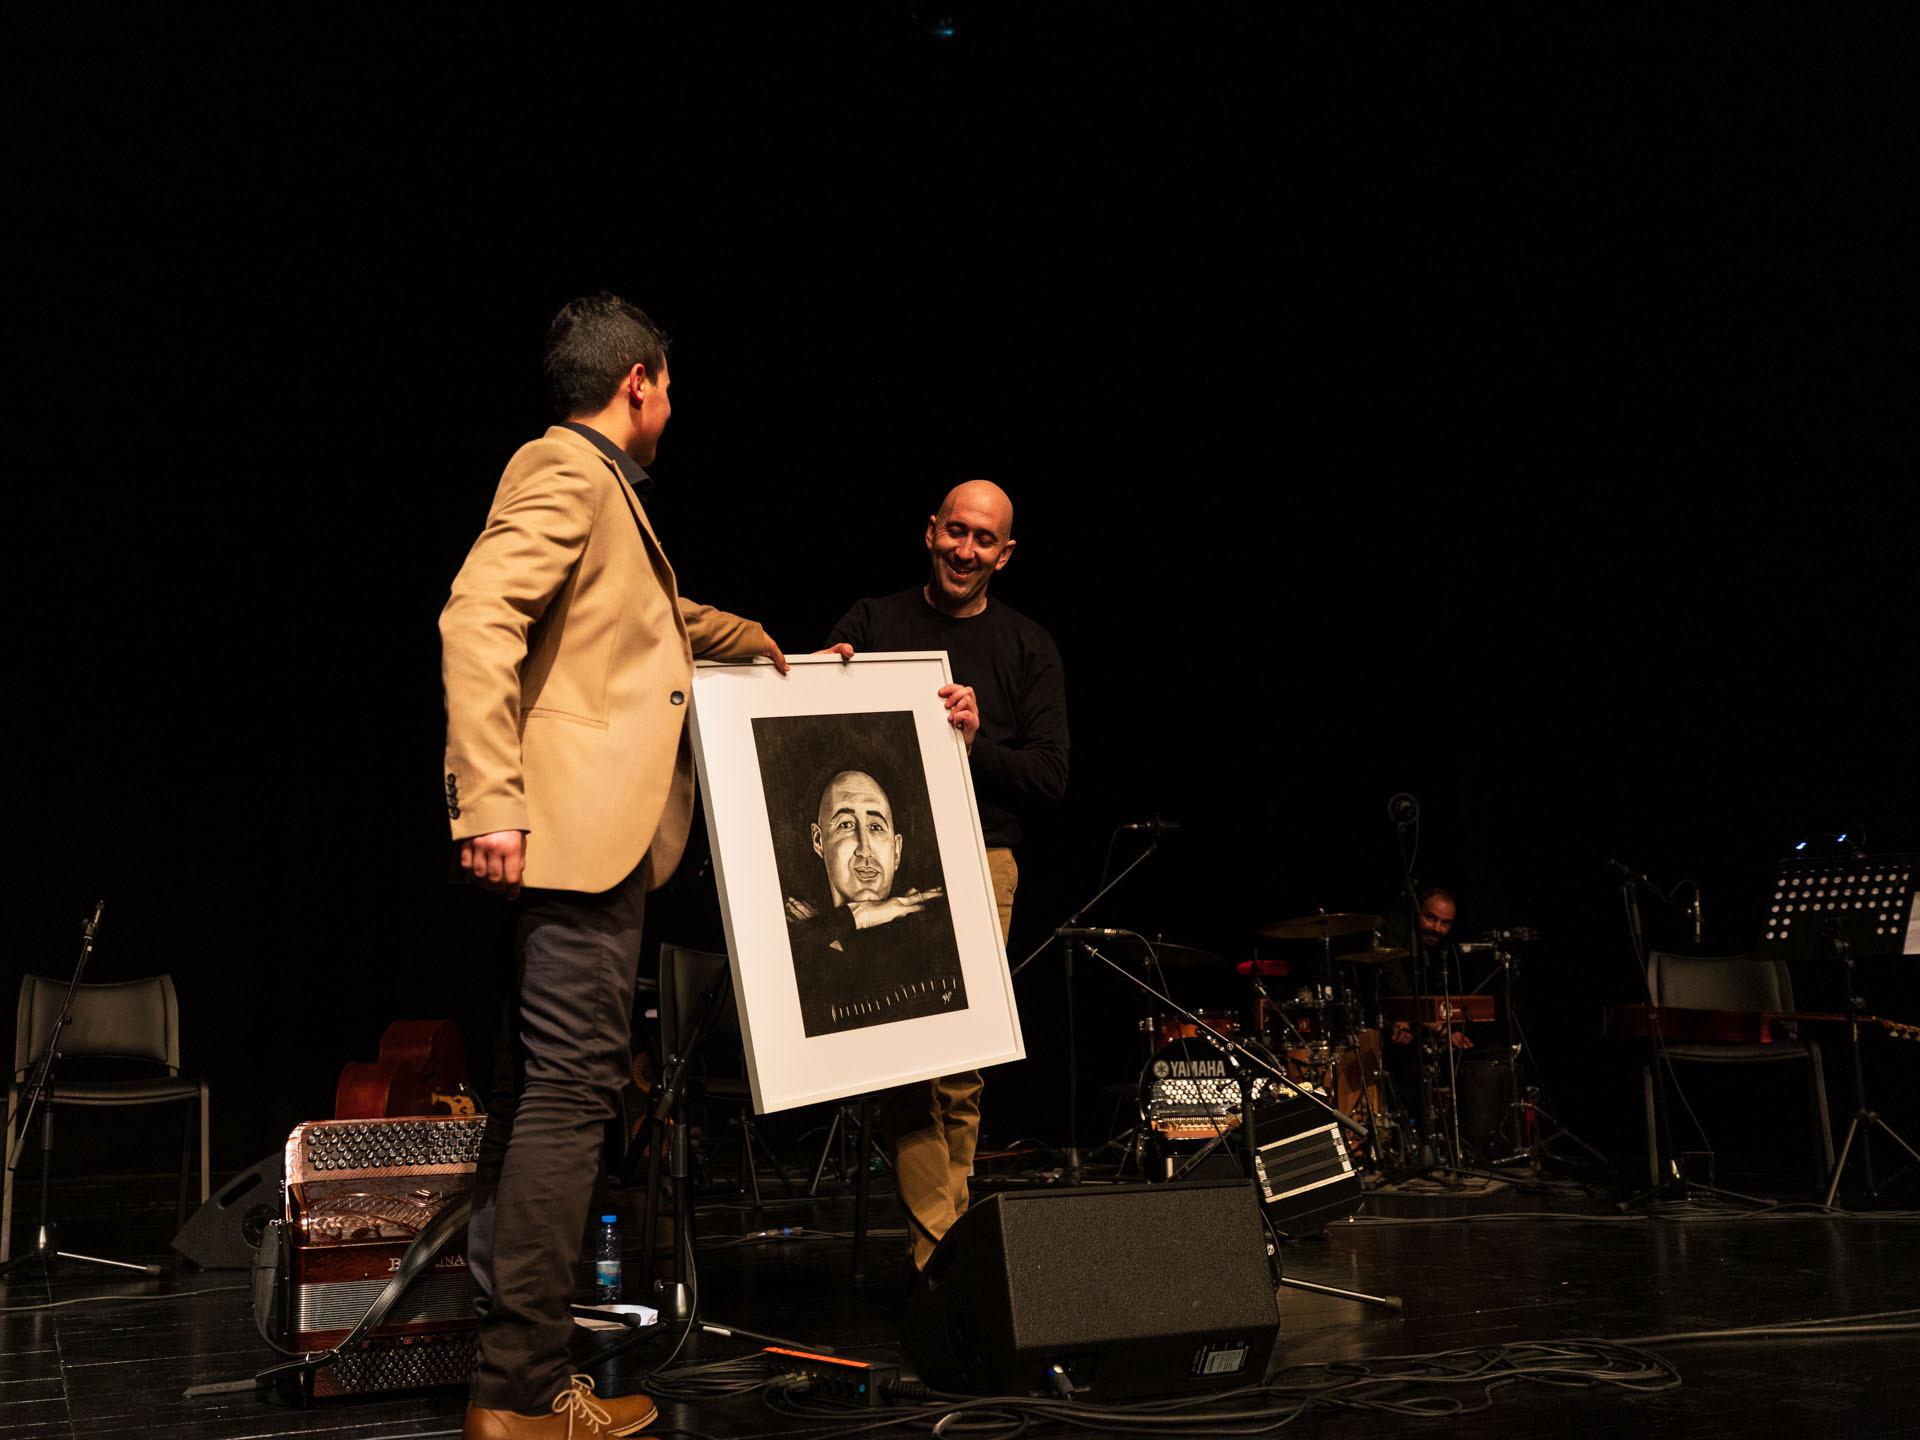 David Mendes oferece um desenho original, a carvão, a Nelson Conceição